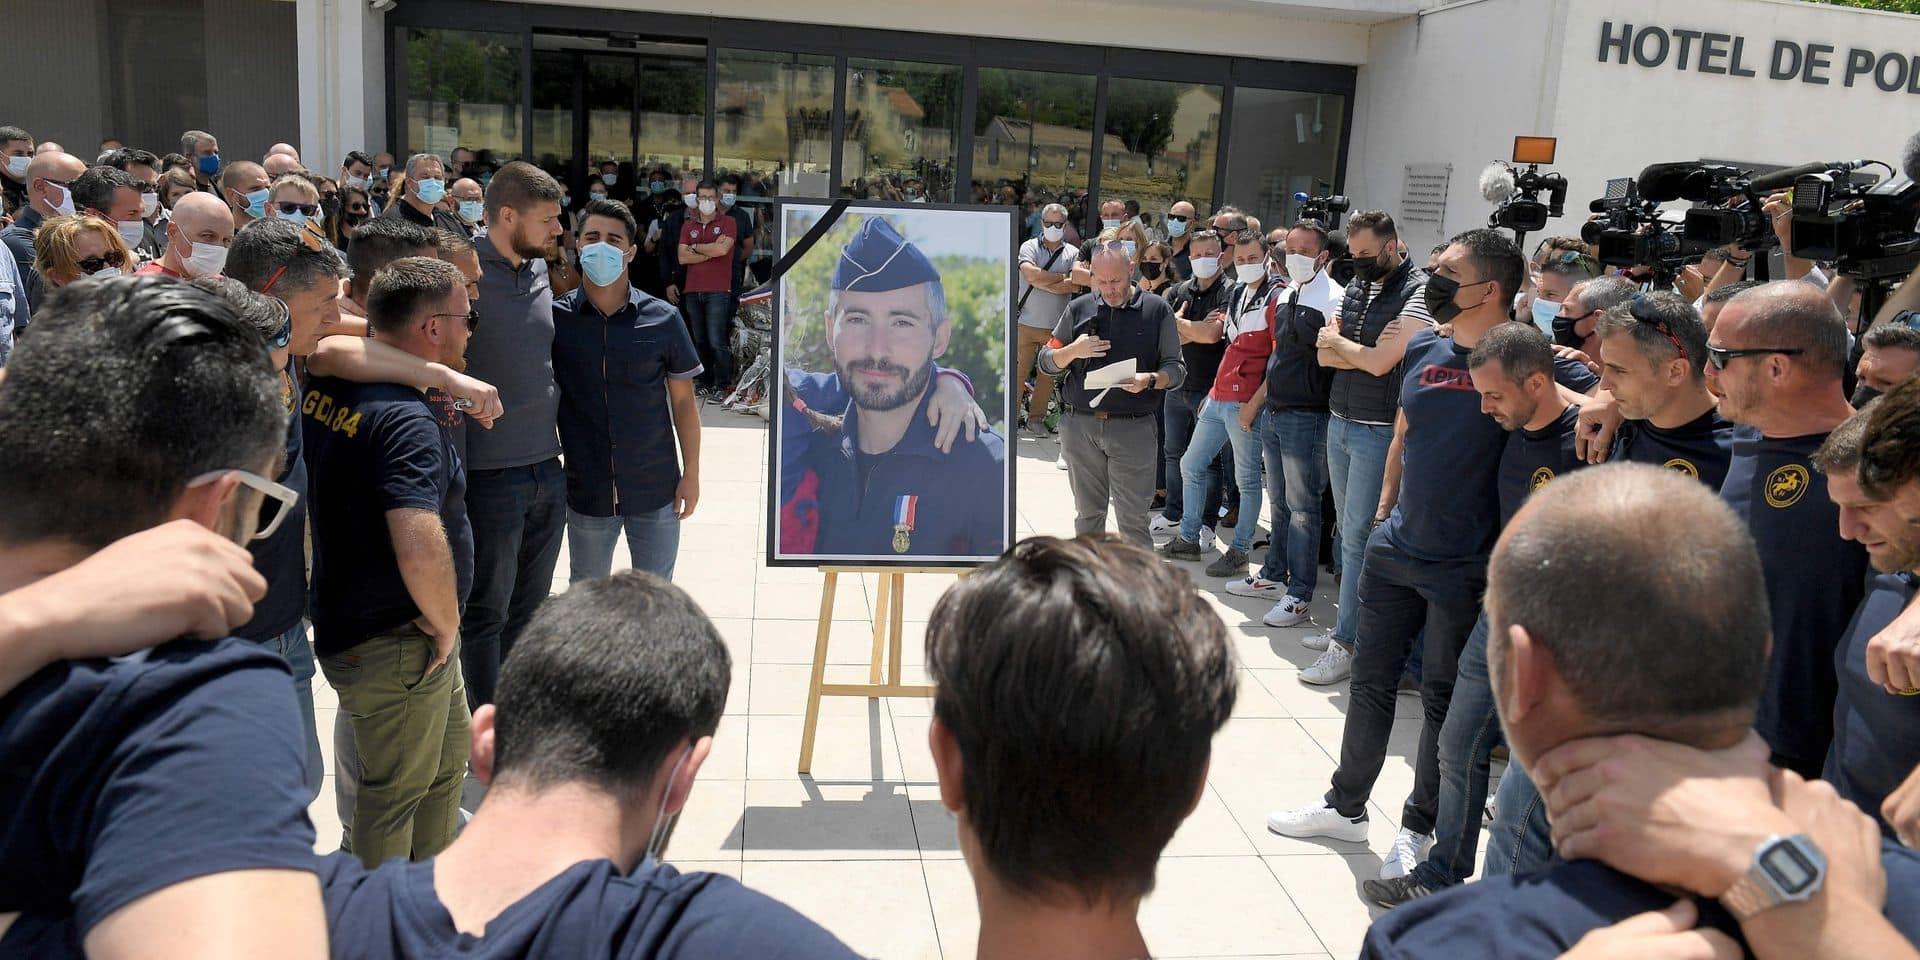 Policier tué à Avignon: quatre personnes interpellées, le tireur présumé et son complice voulaient fuir vers l'Espagne